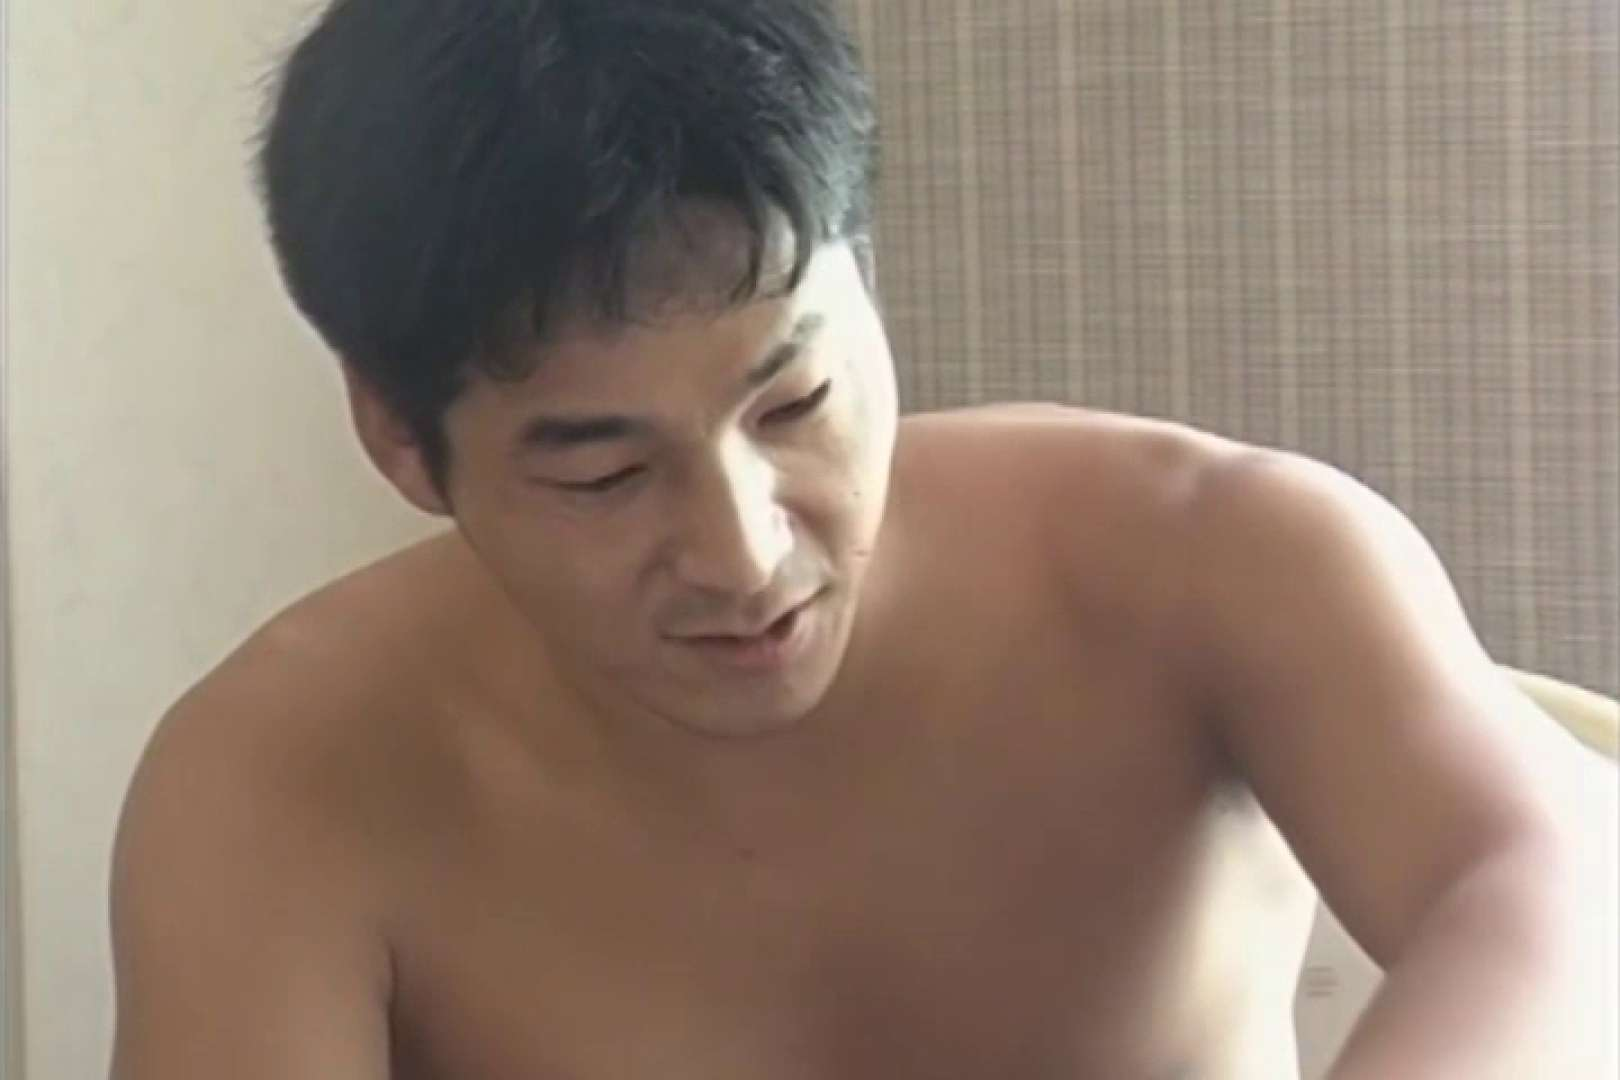 スポメン競パン部、真っ盛り!!Vol.02 アナル挿入 ゲイエロビデオ画像 97pic 3